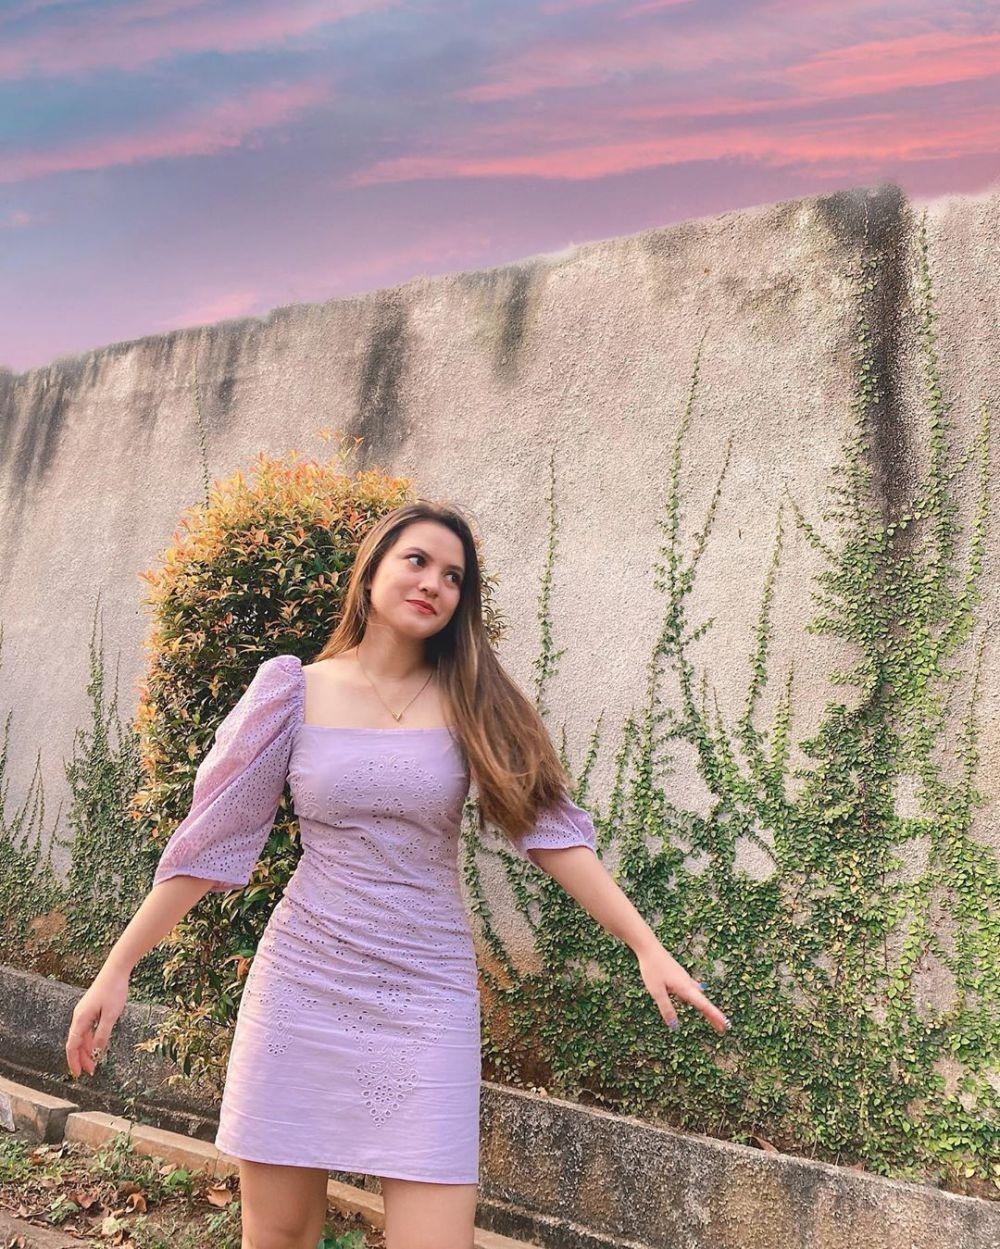 Putus dari El Rumi, 10 Potret Marsha Aruan yang Makin Glowing